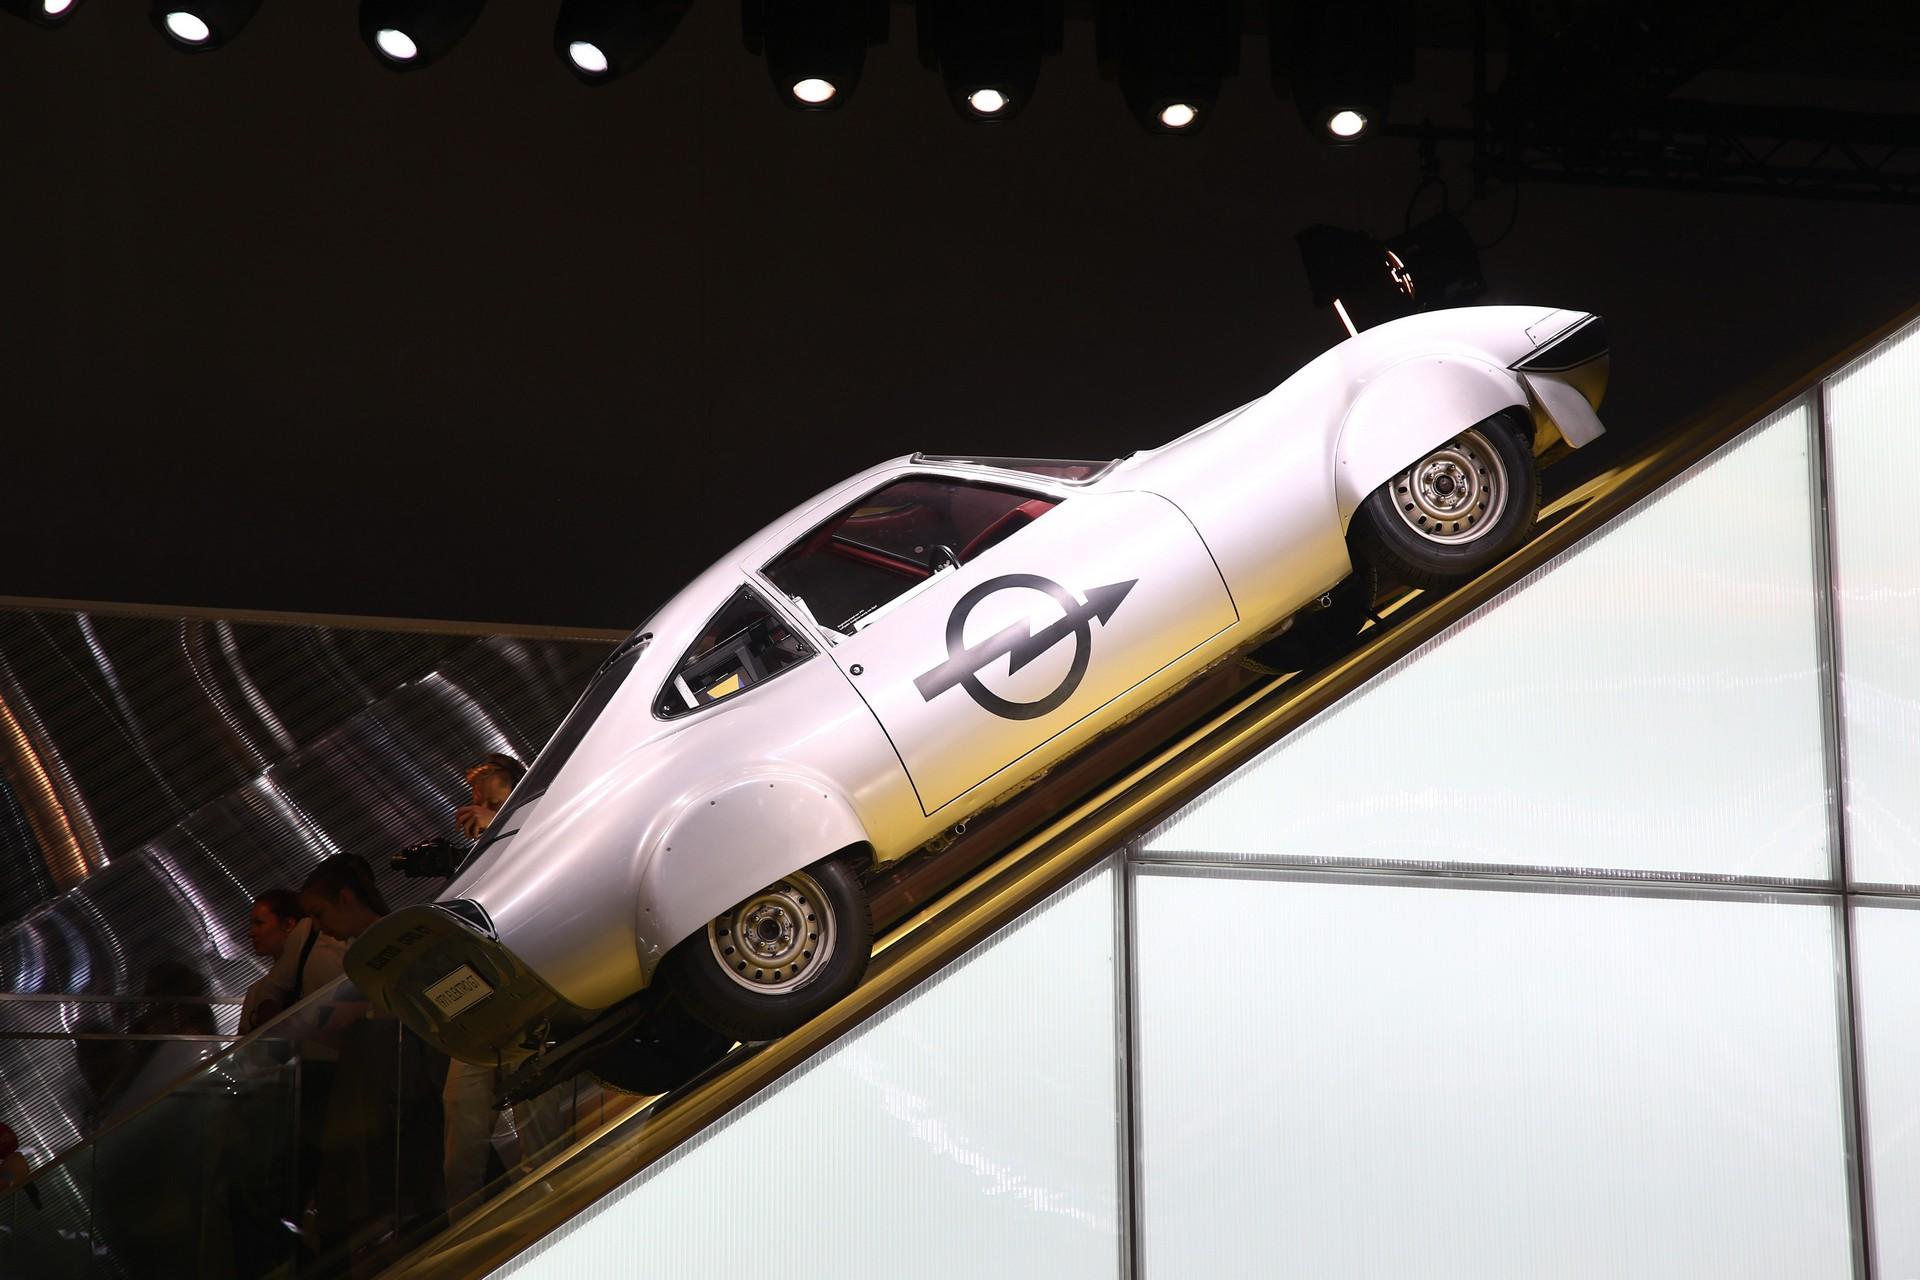 إليكترو GT الإختبارية